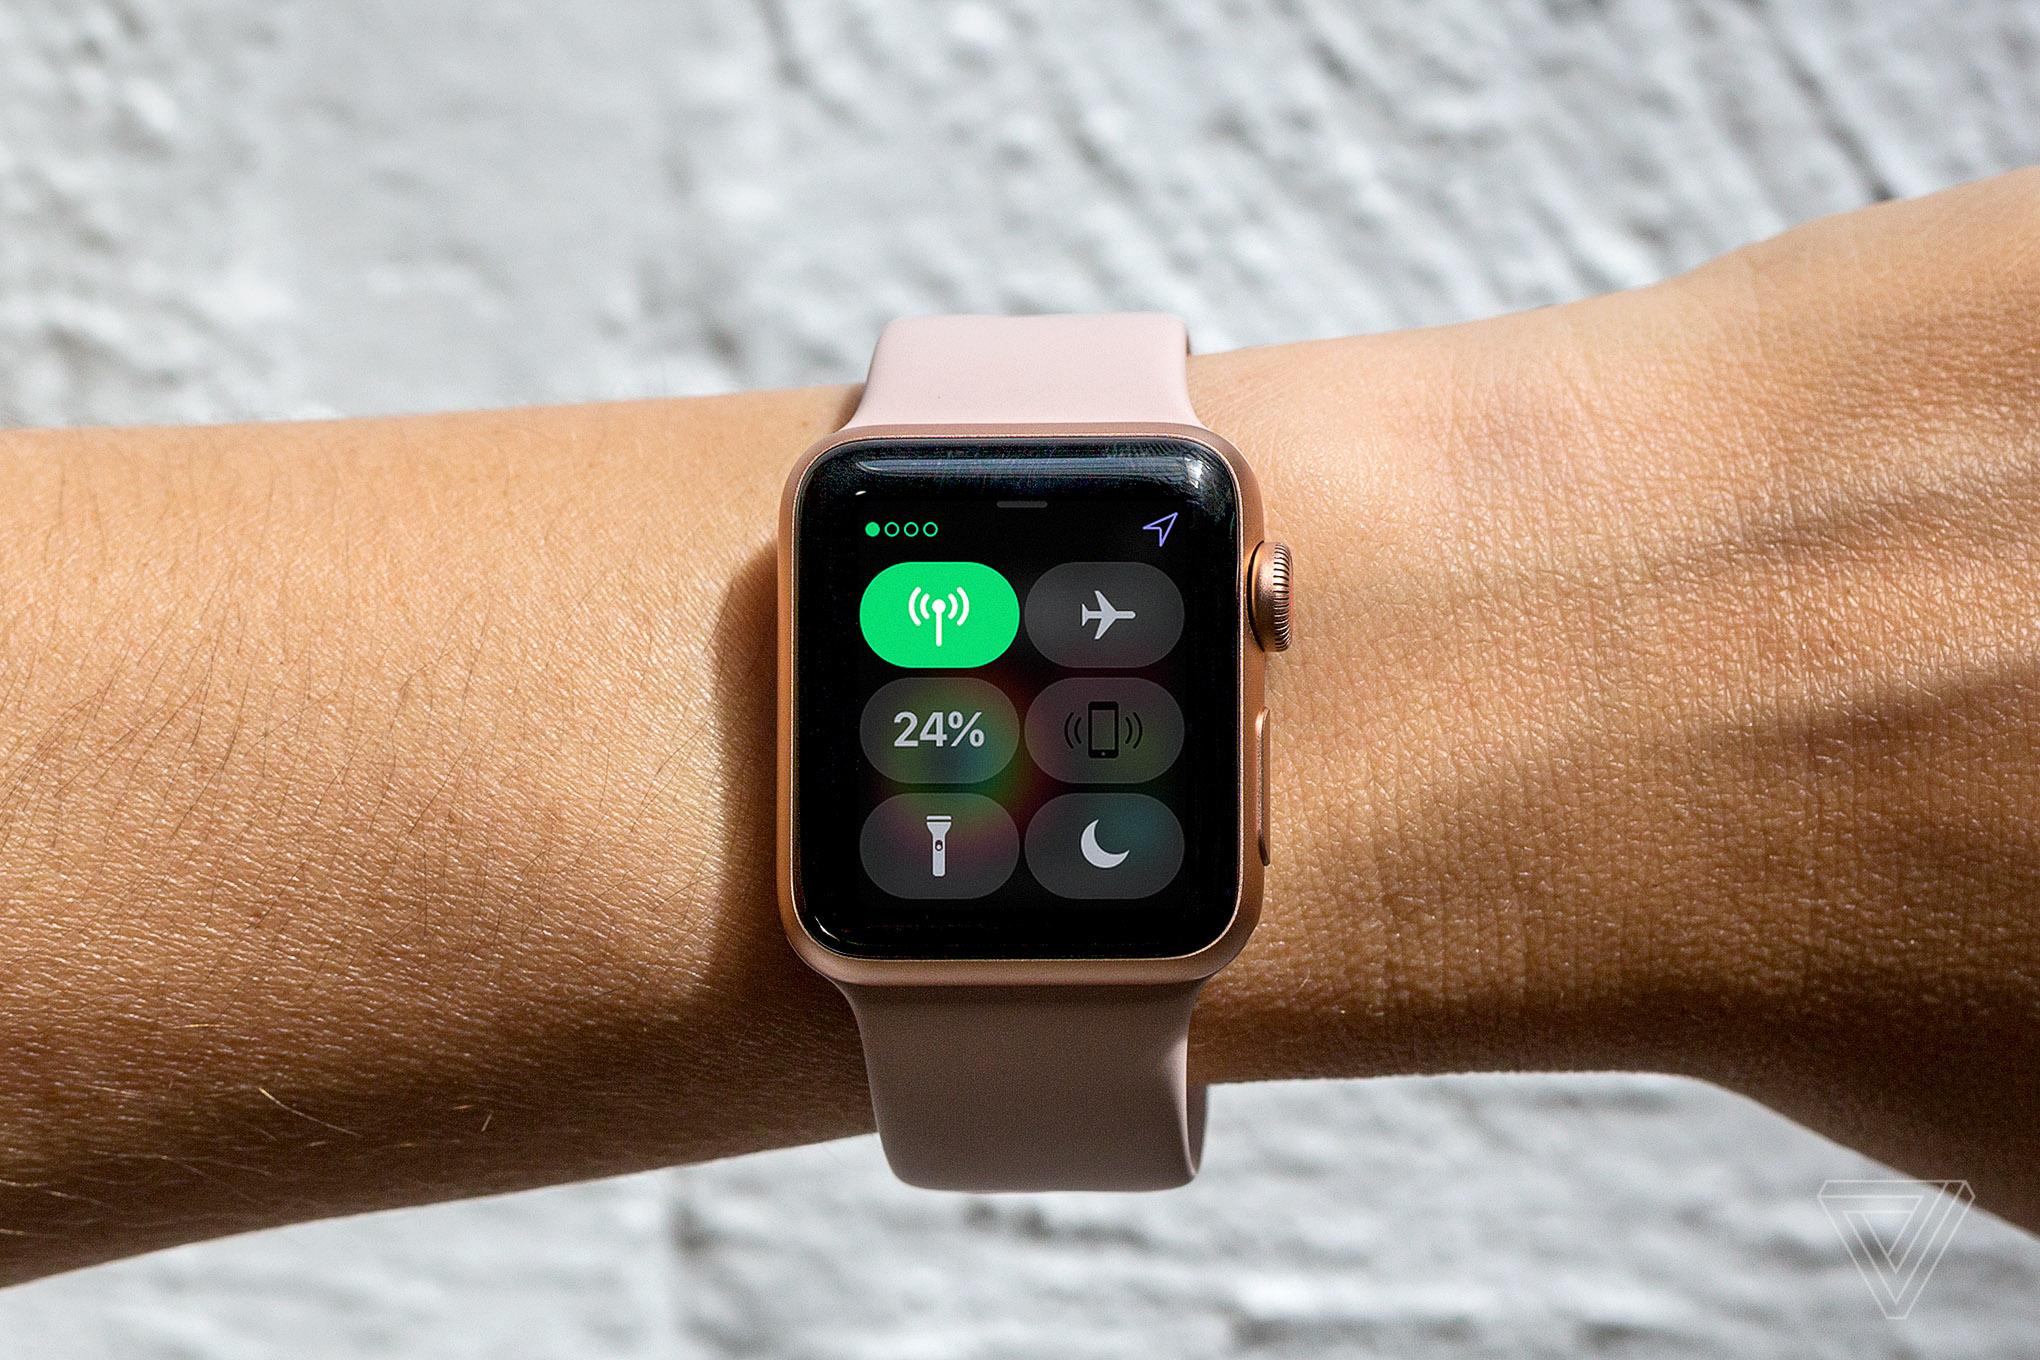 Как скачать и установить обновление прошивки watchos на apple watch.